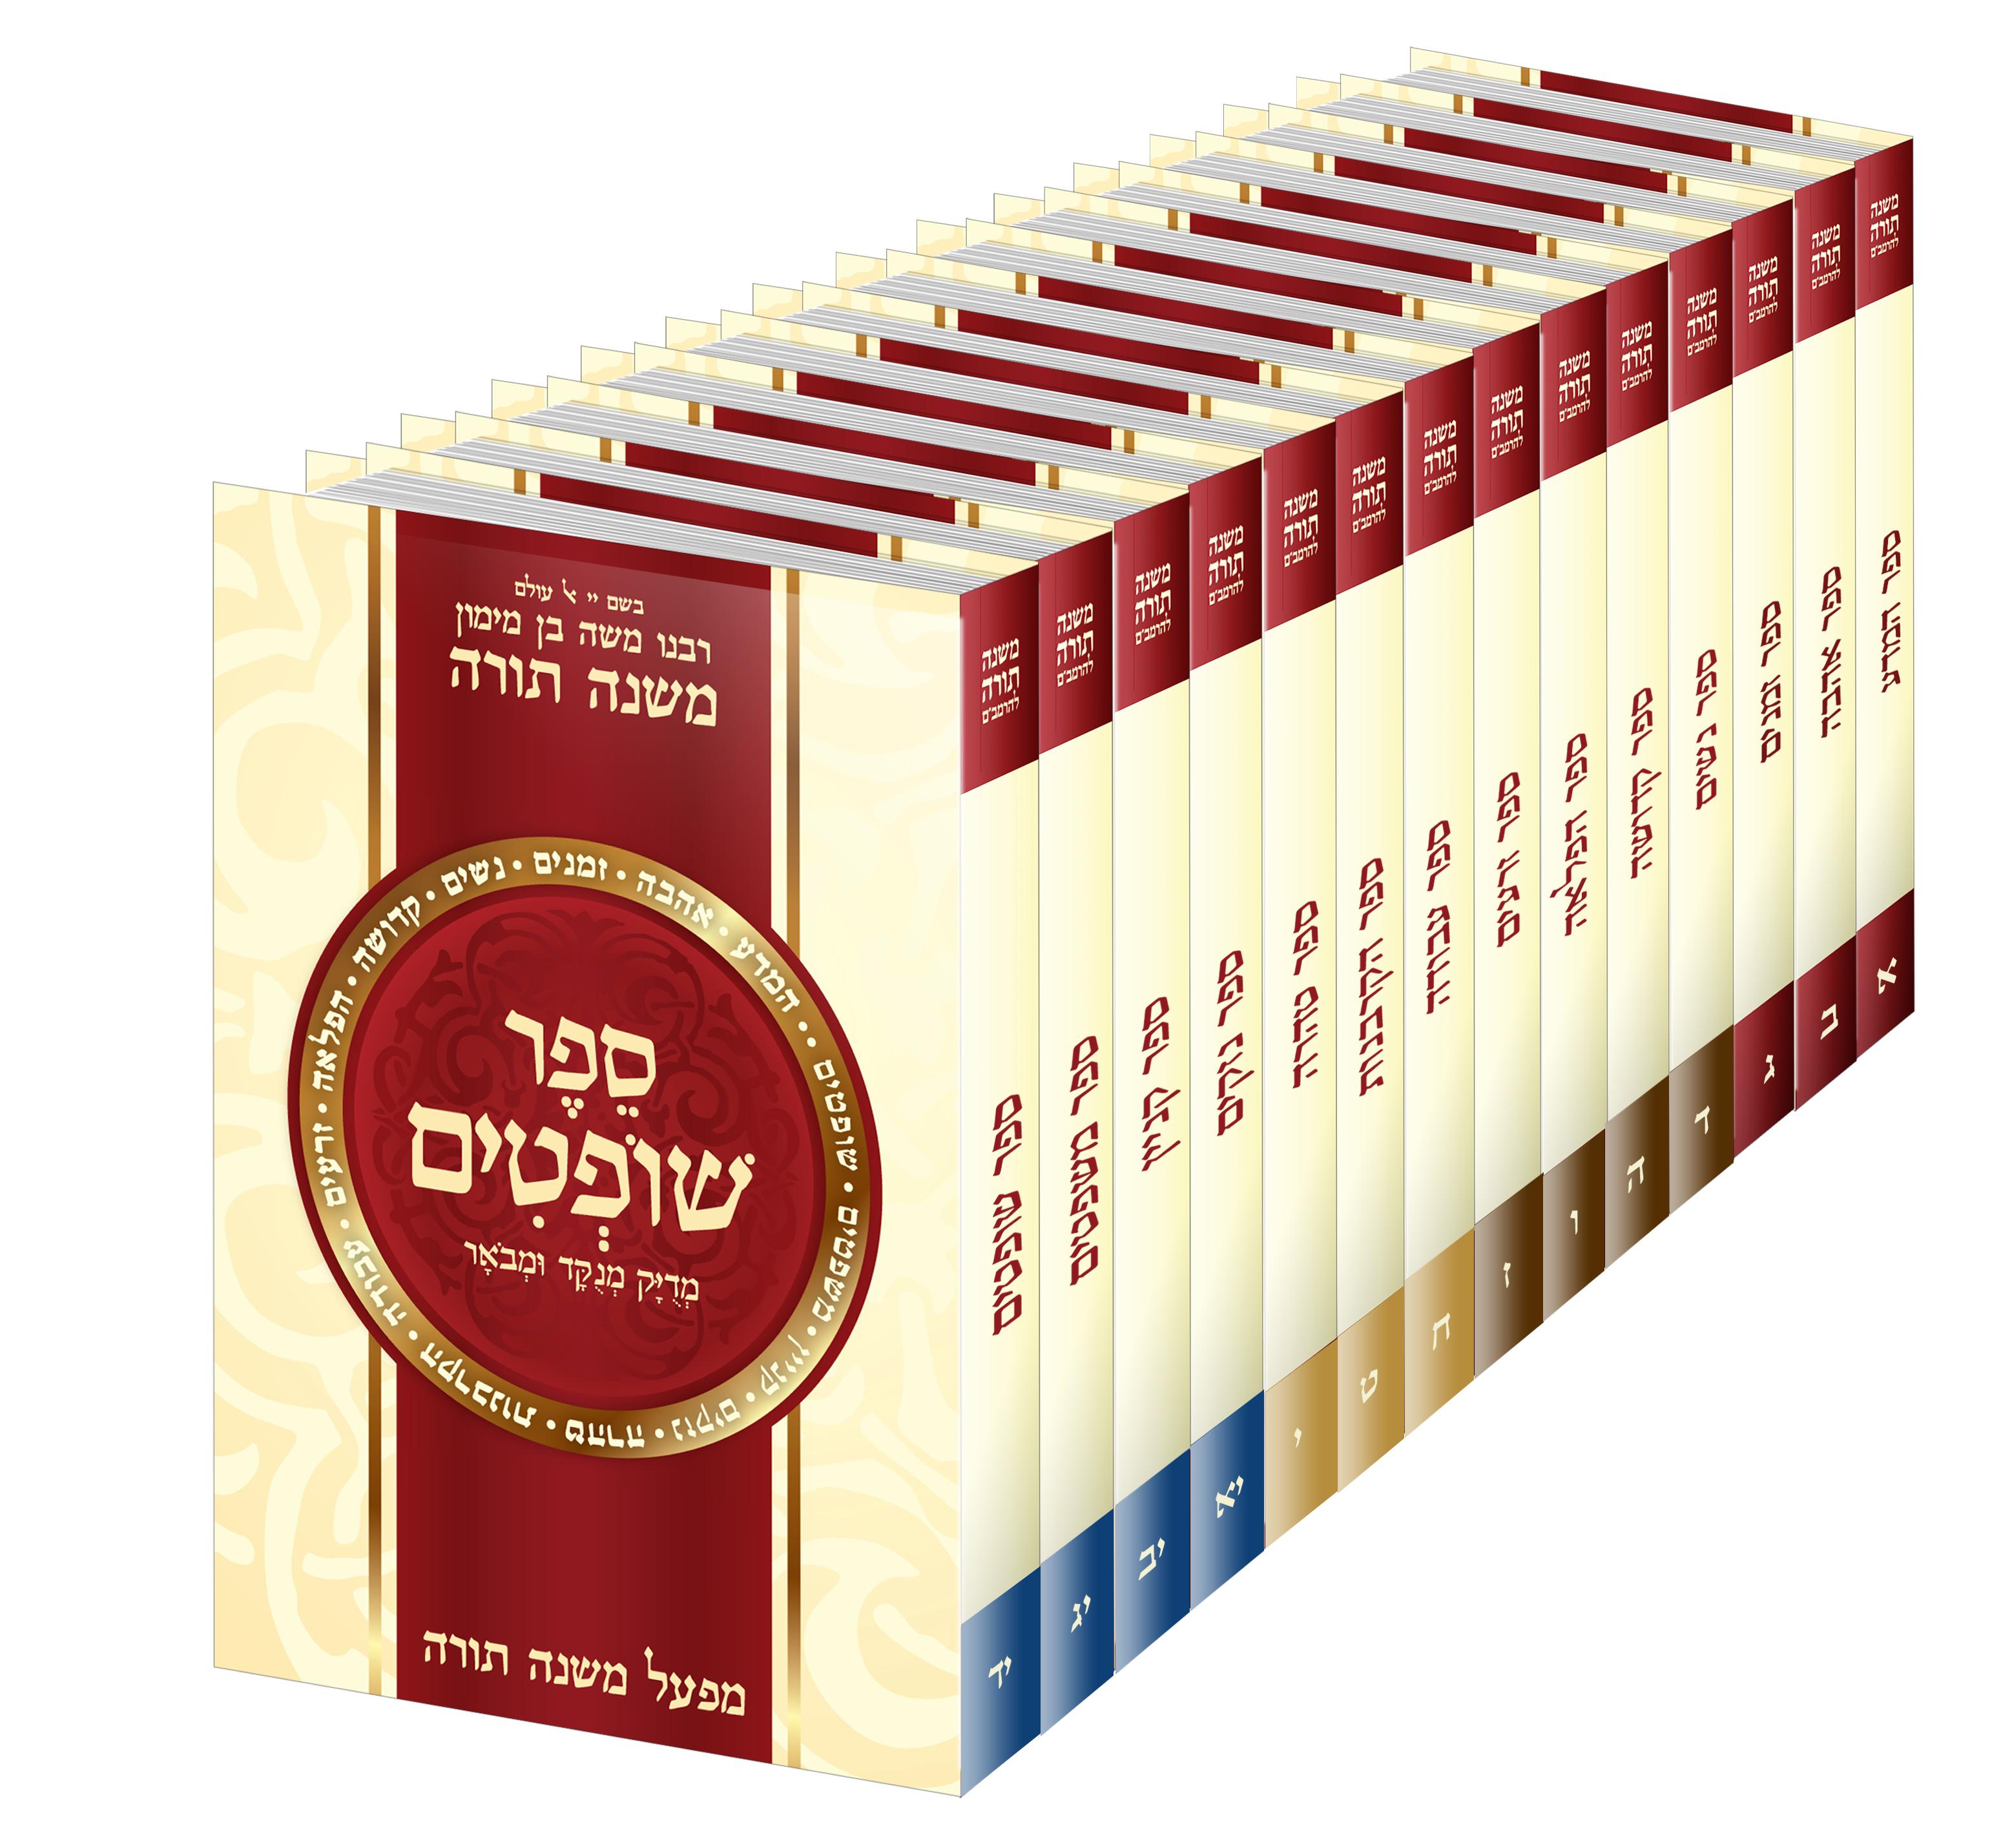 מהדורה מבוארת גודל בינוני, 14 כרכים, כריכה רכה